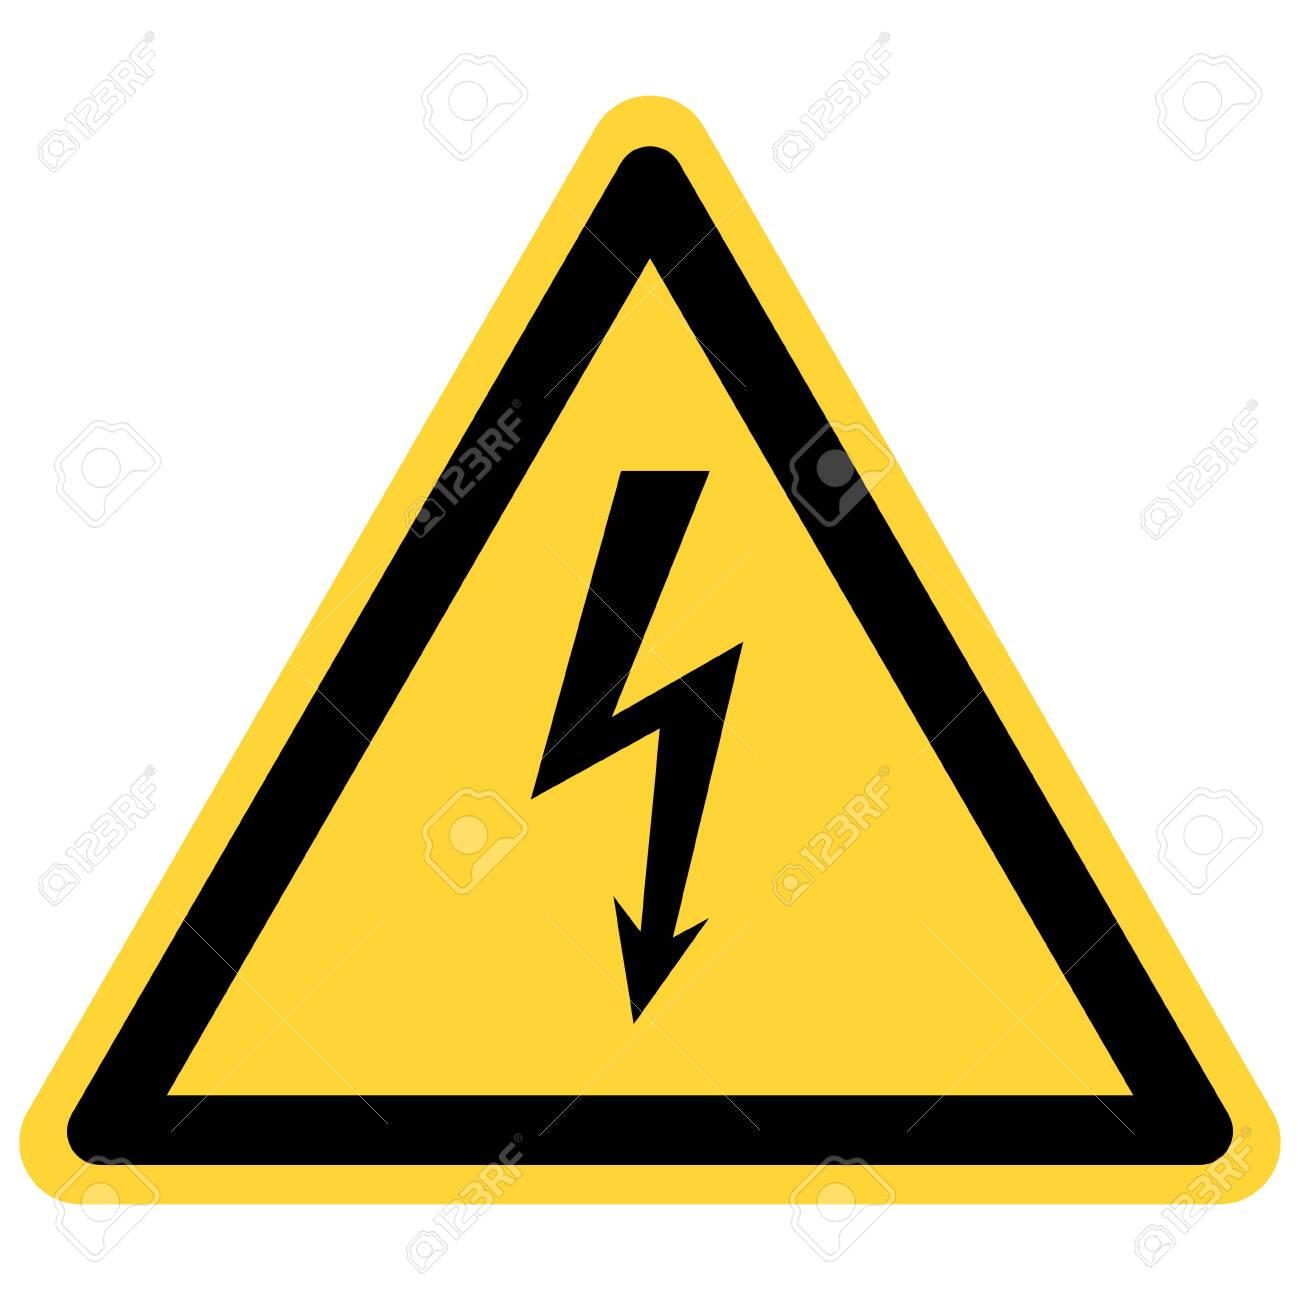 Lightning and danger sign - 132858358